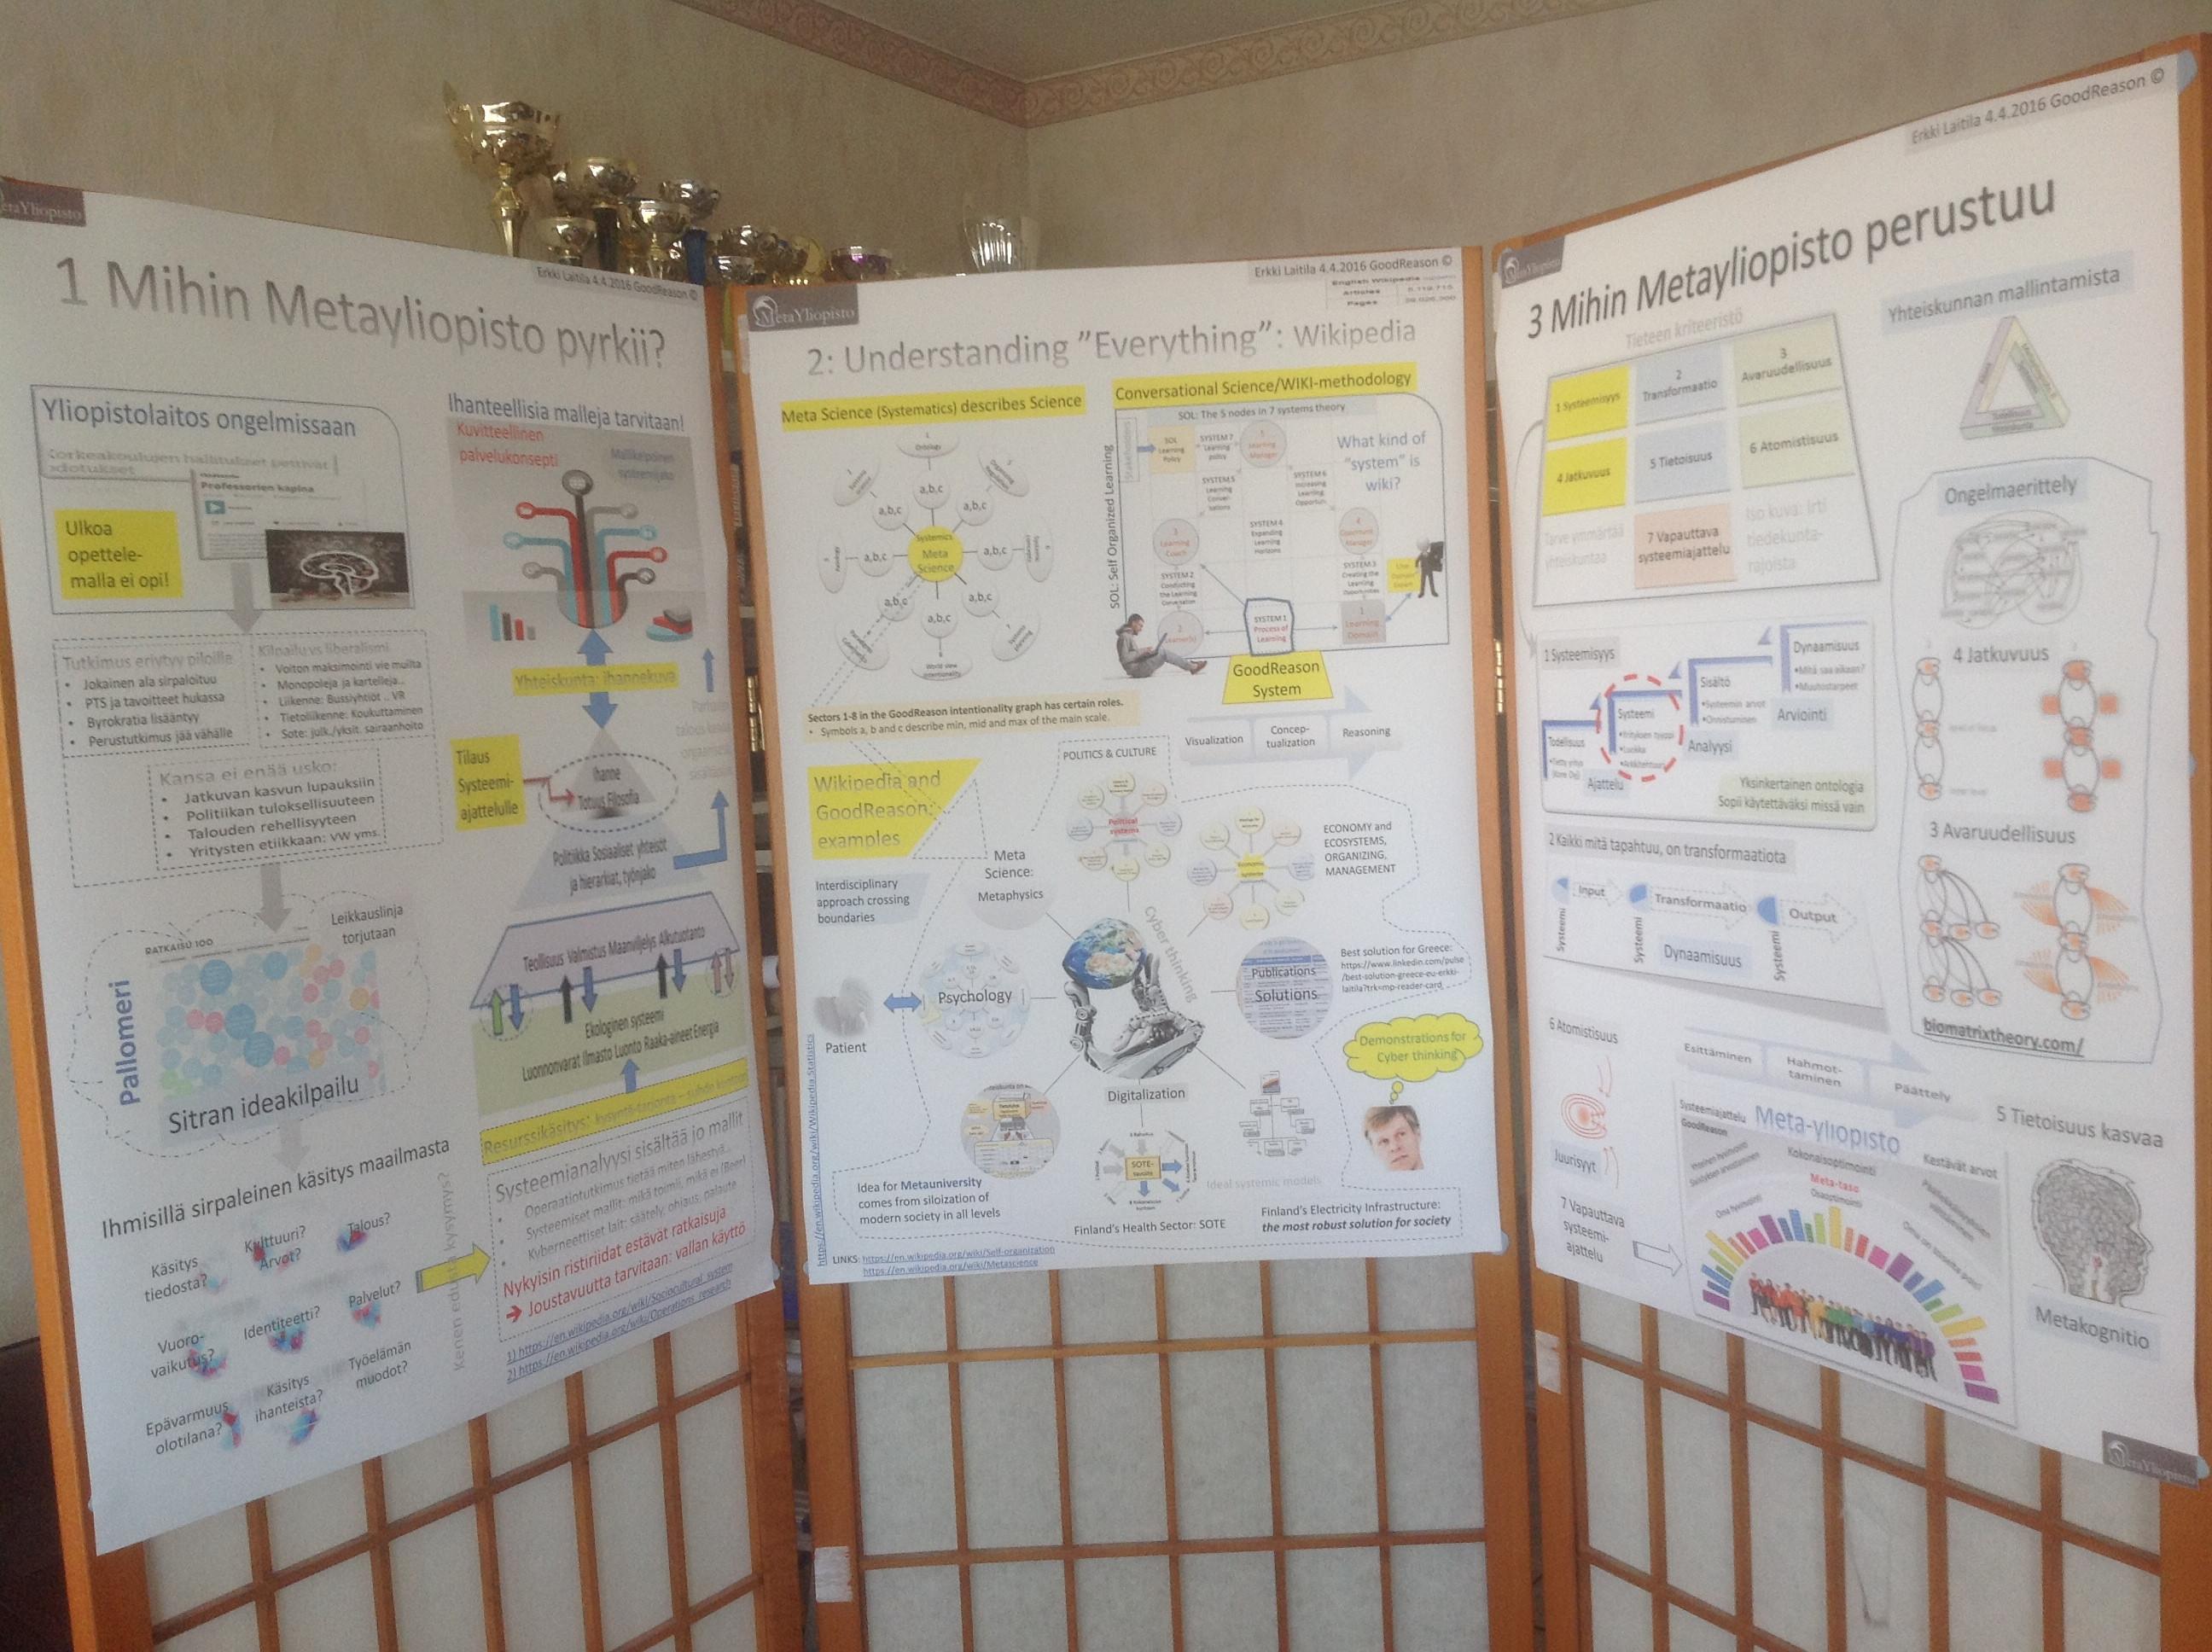 """Posteri–presentaatio kohti """"kaiken ymmärtämistä"""""""